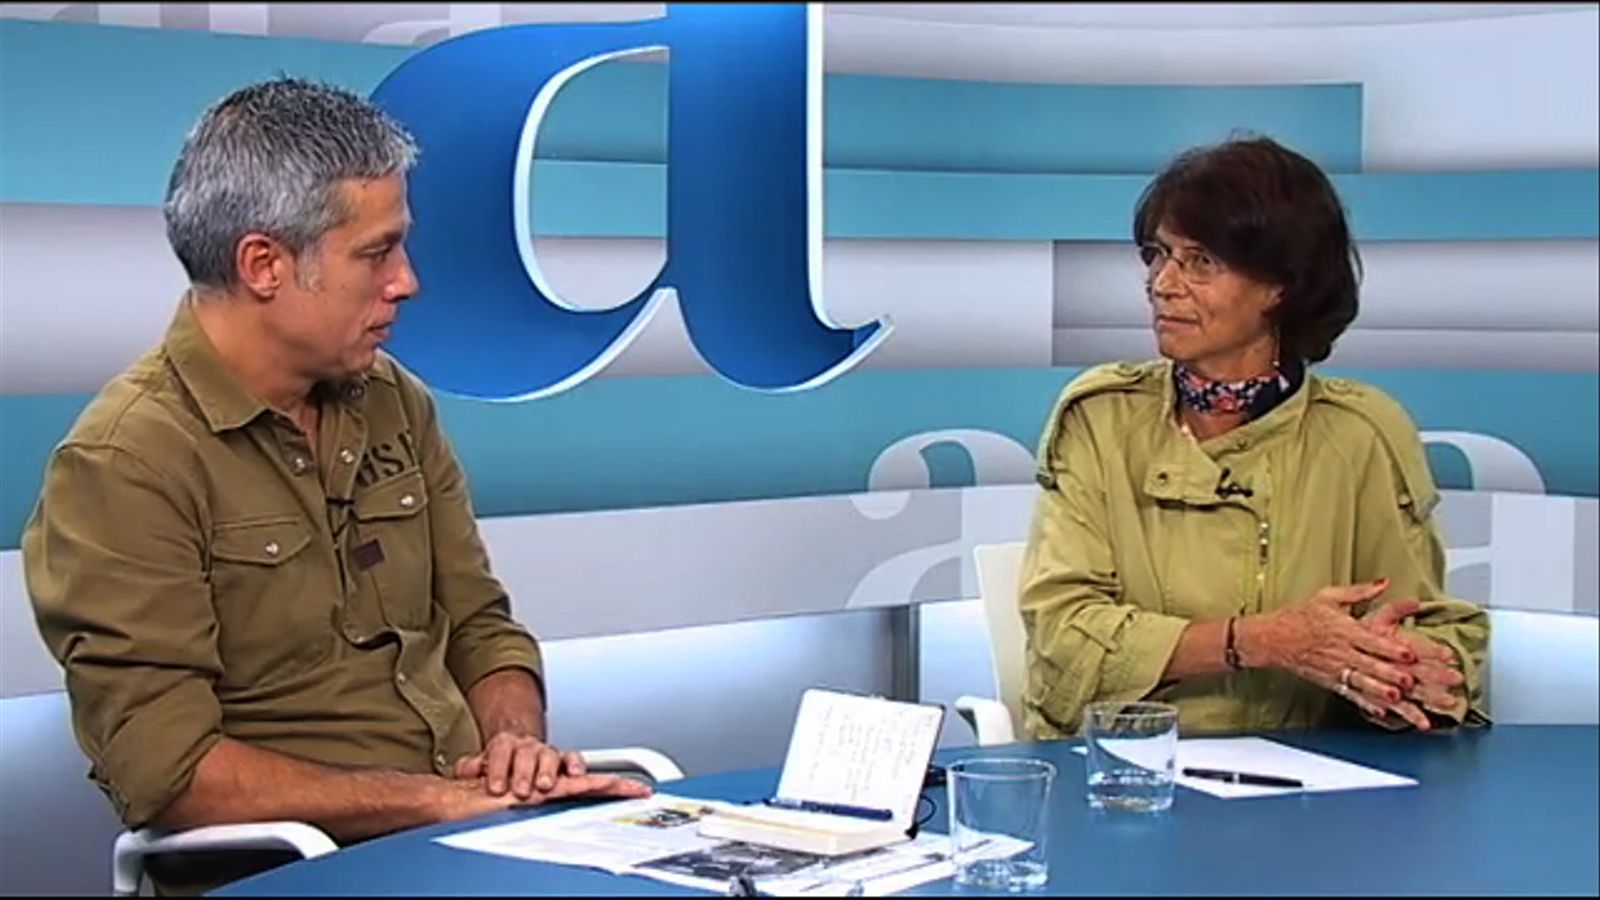 Especial Diada 2013 a l'Ara TV, conduït per Antoni Bassas: tertúlia amb Albert Om i E. Giménez-Salinas